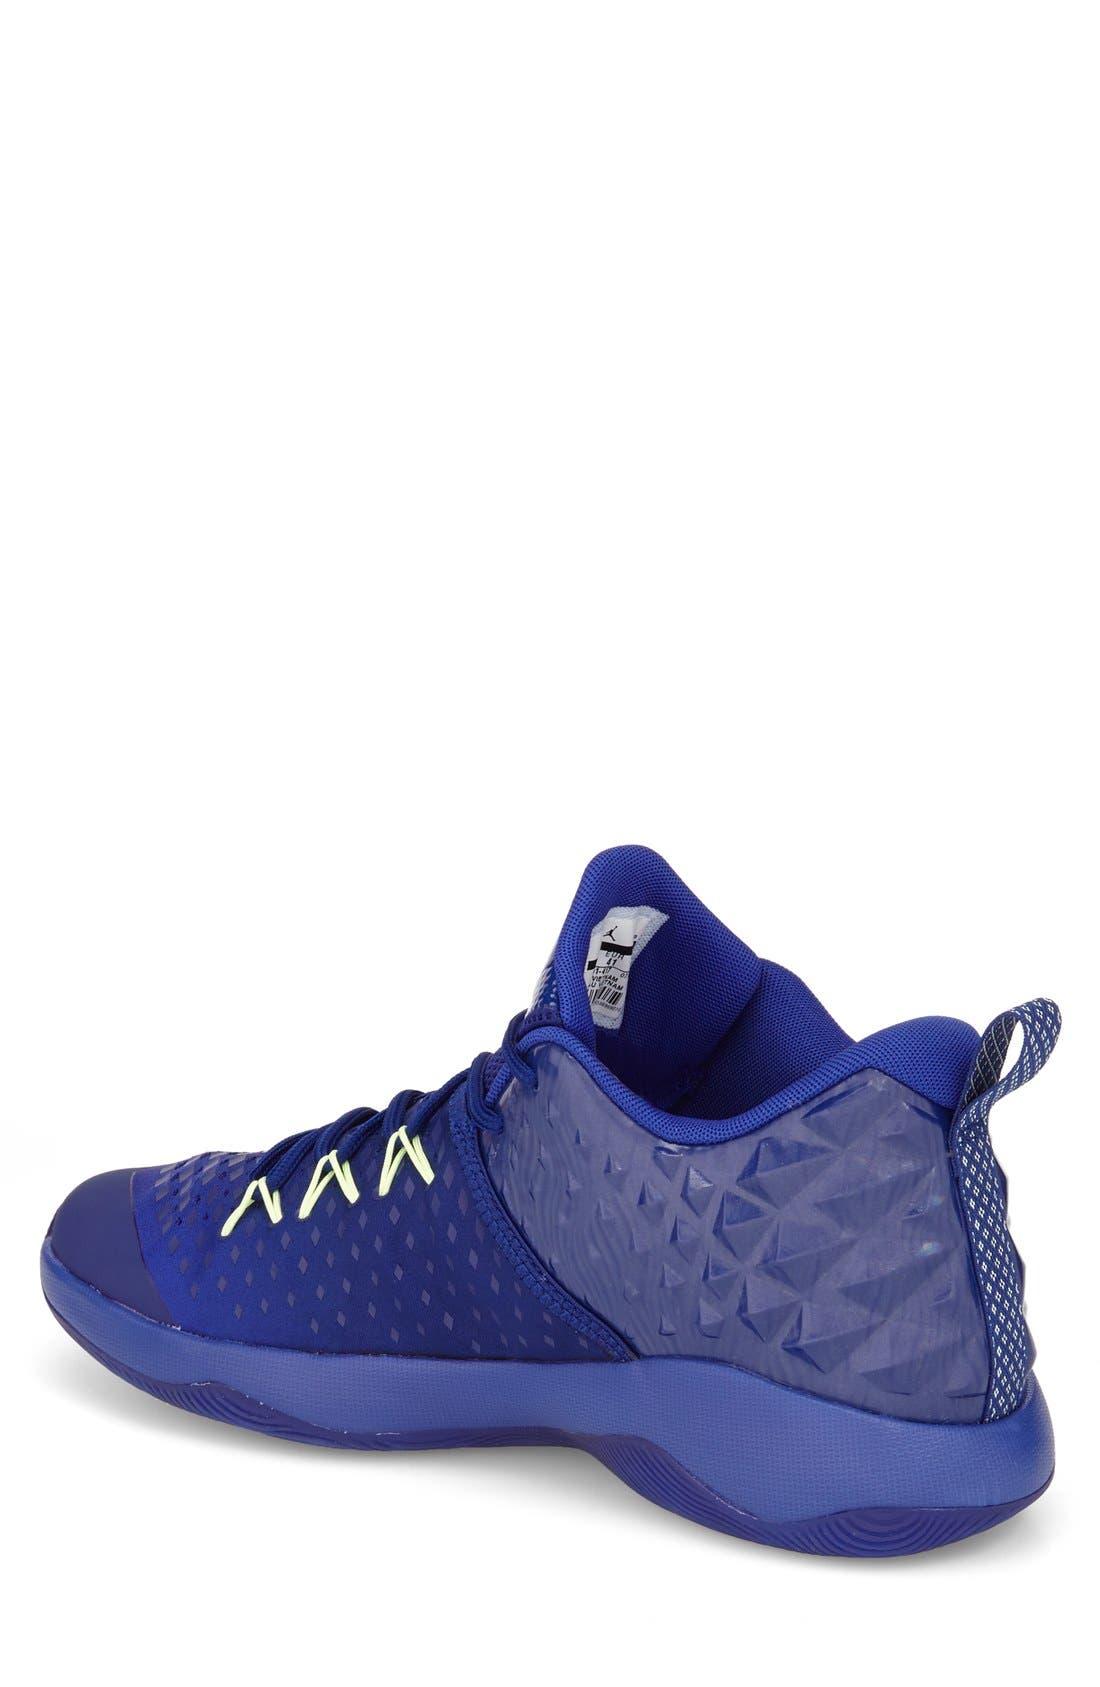 Alternate Image 2  - Nike Jordan Extra Fly Sneaker (Men)